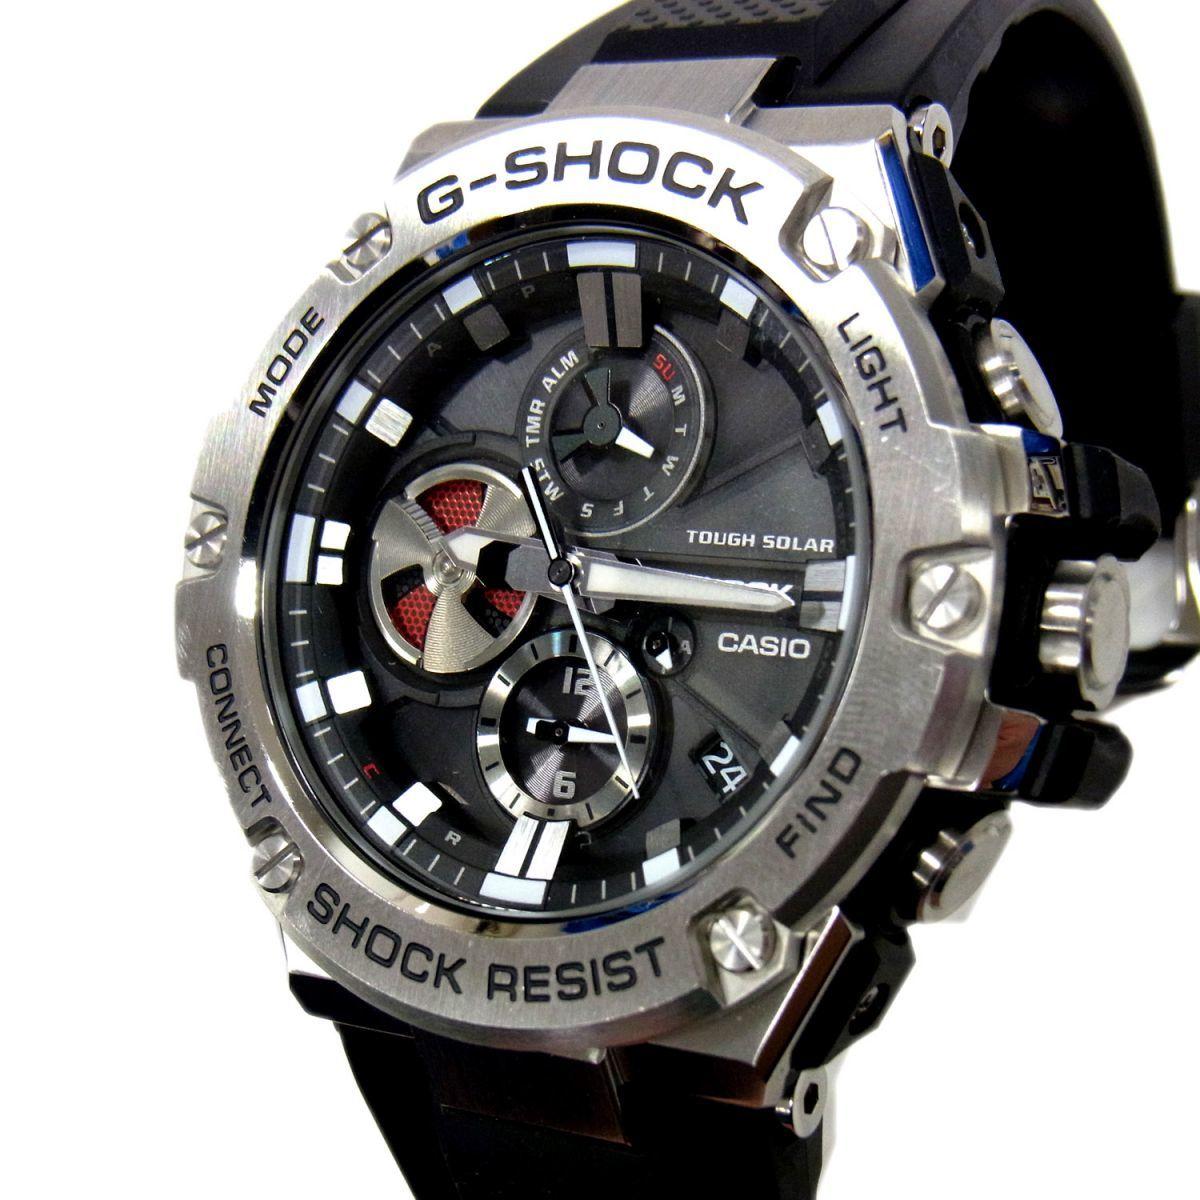 1円 美品 定価5万5000円○Gショック 腕時計 ステンレス ウォッチ CASIO G-SHOCK G-STEEL GST-B100 カシオ ジーショック タフソーラー